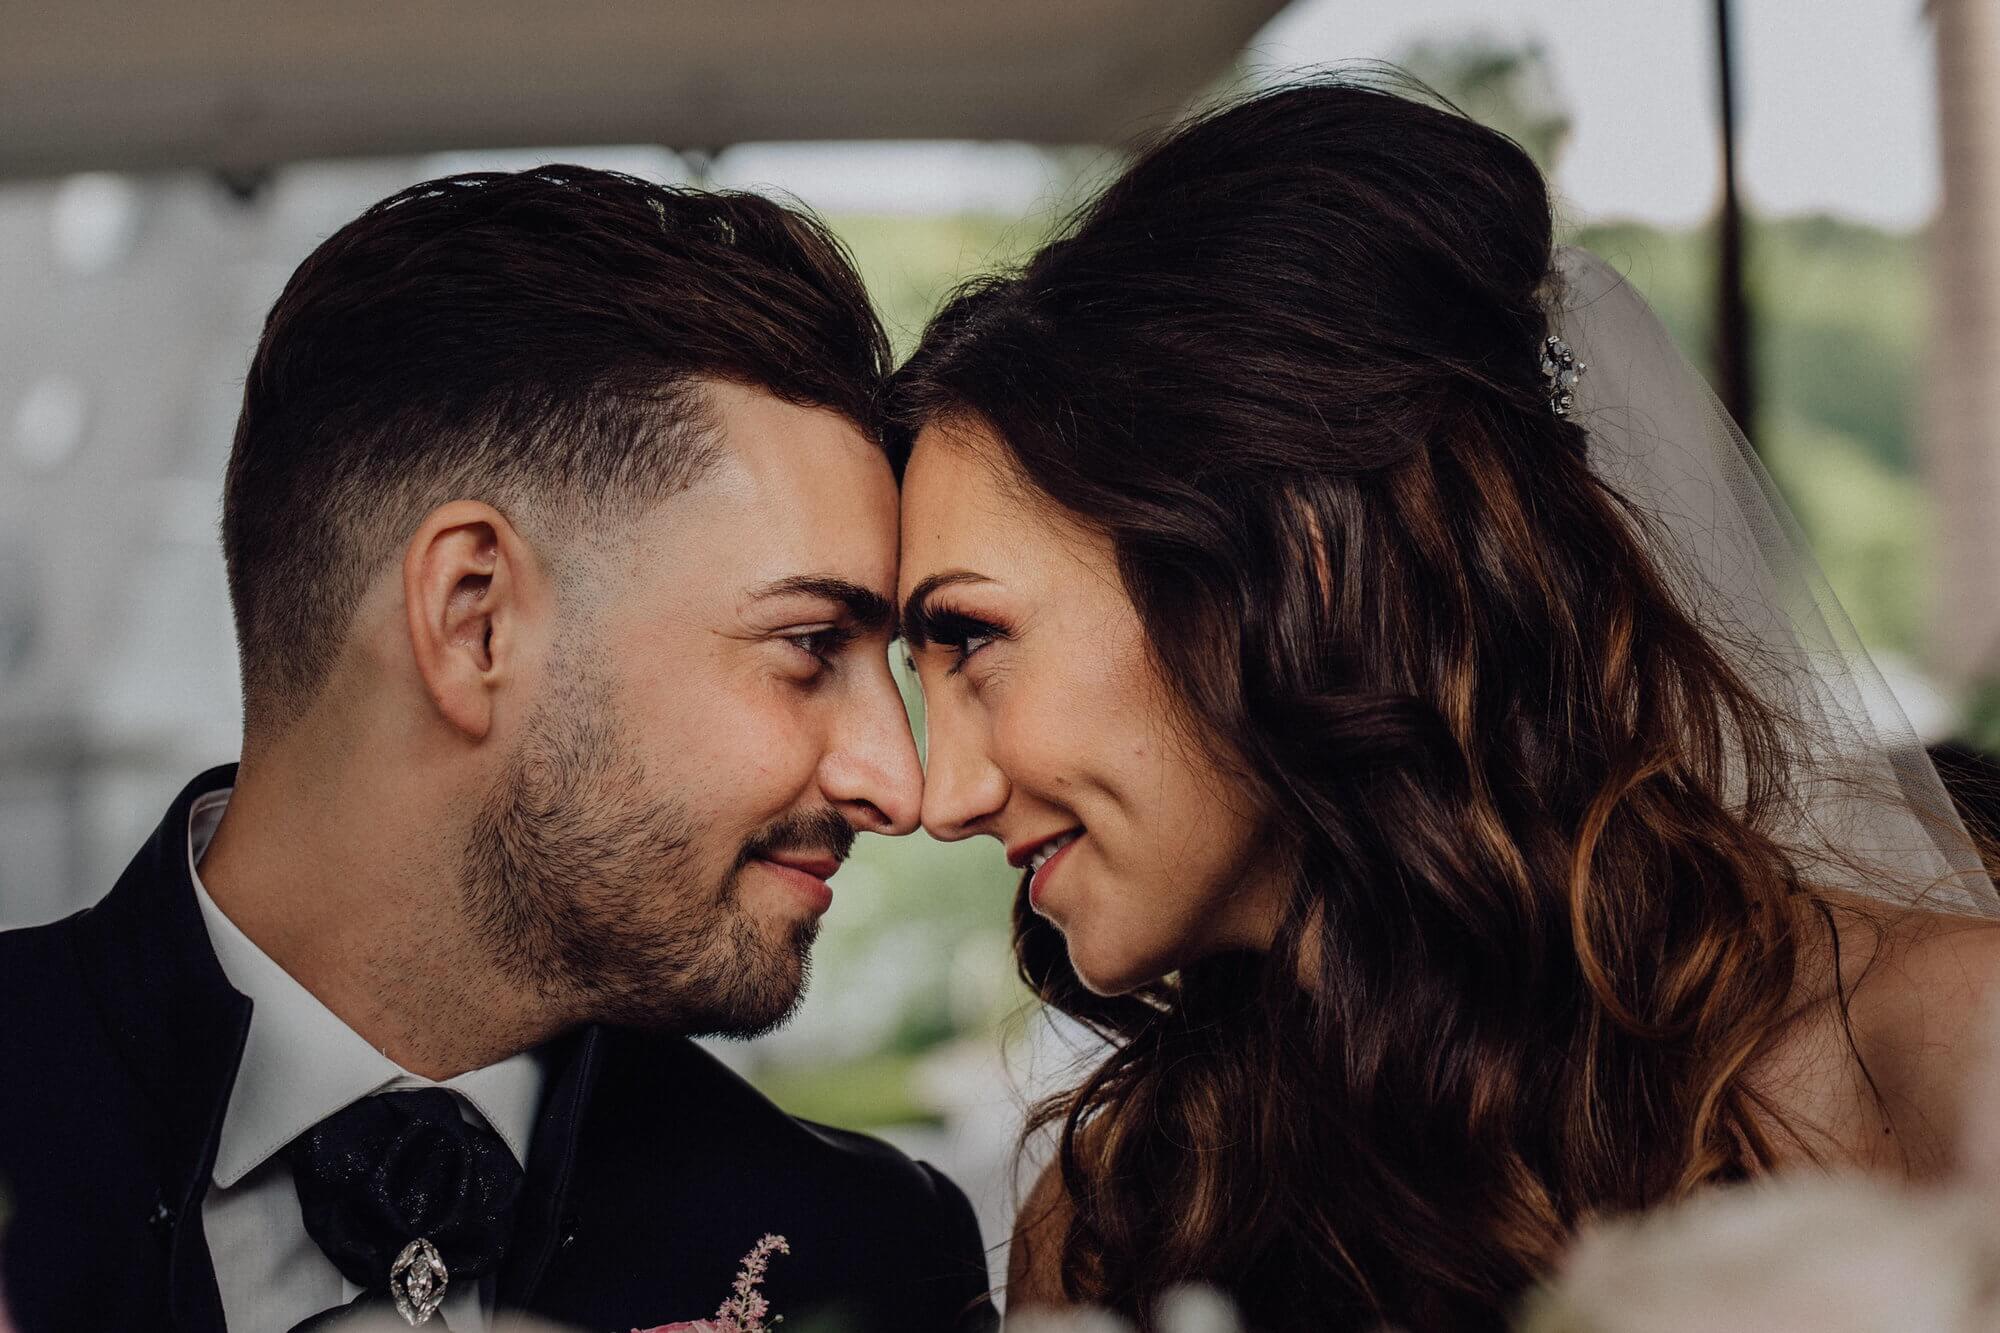 Hochzeitsfoto von Contiphotography